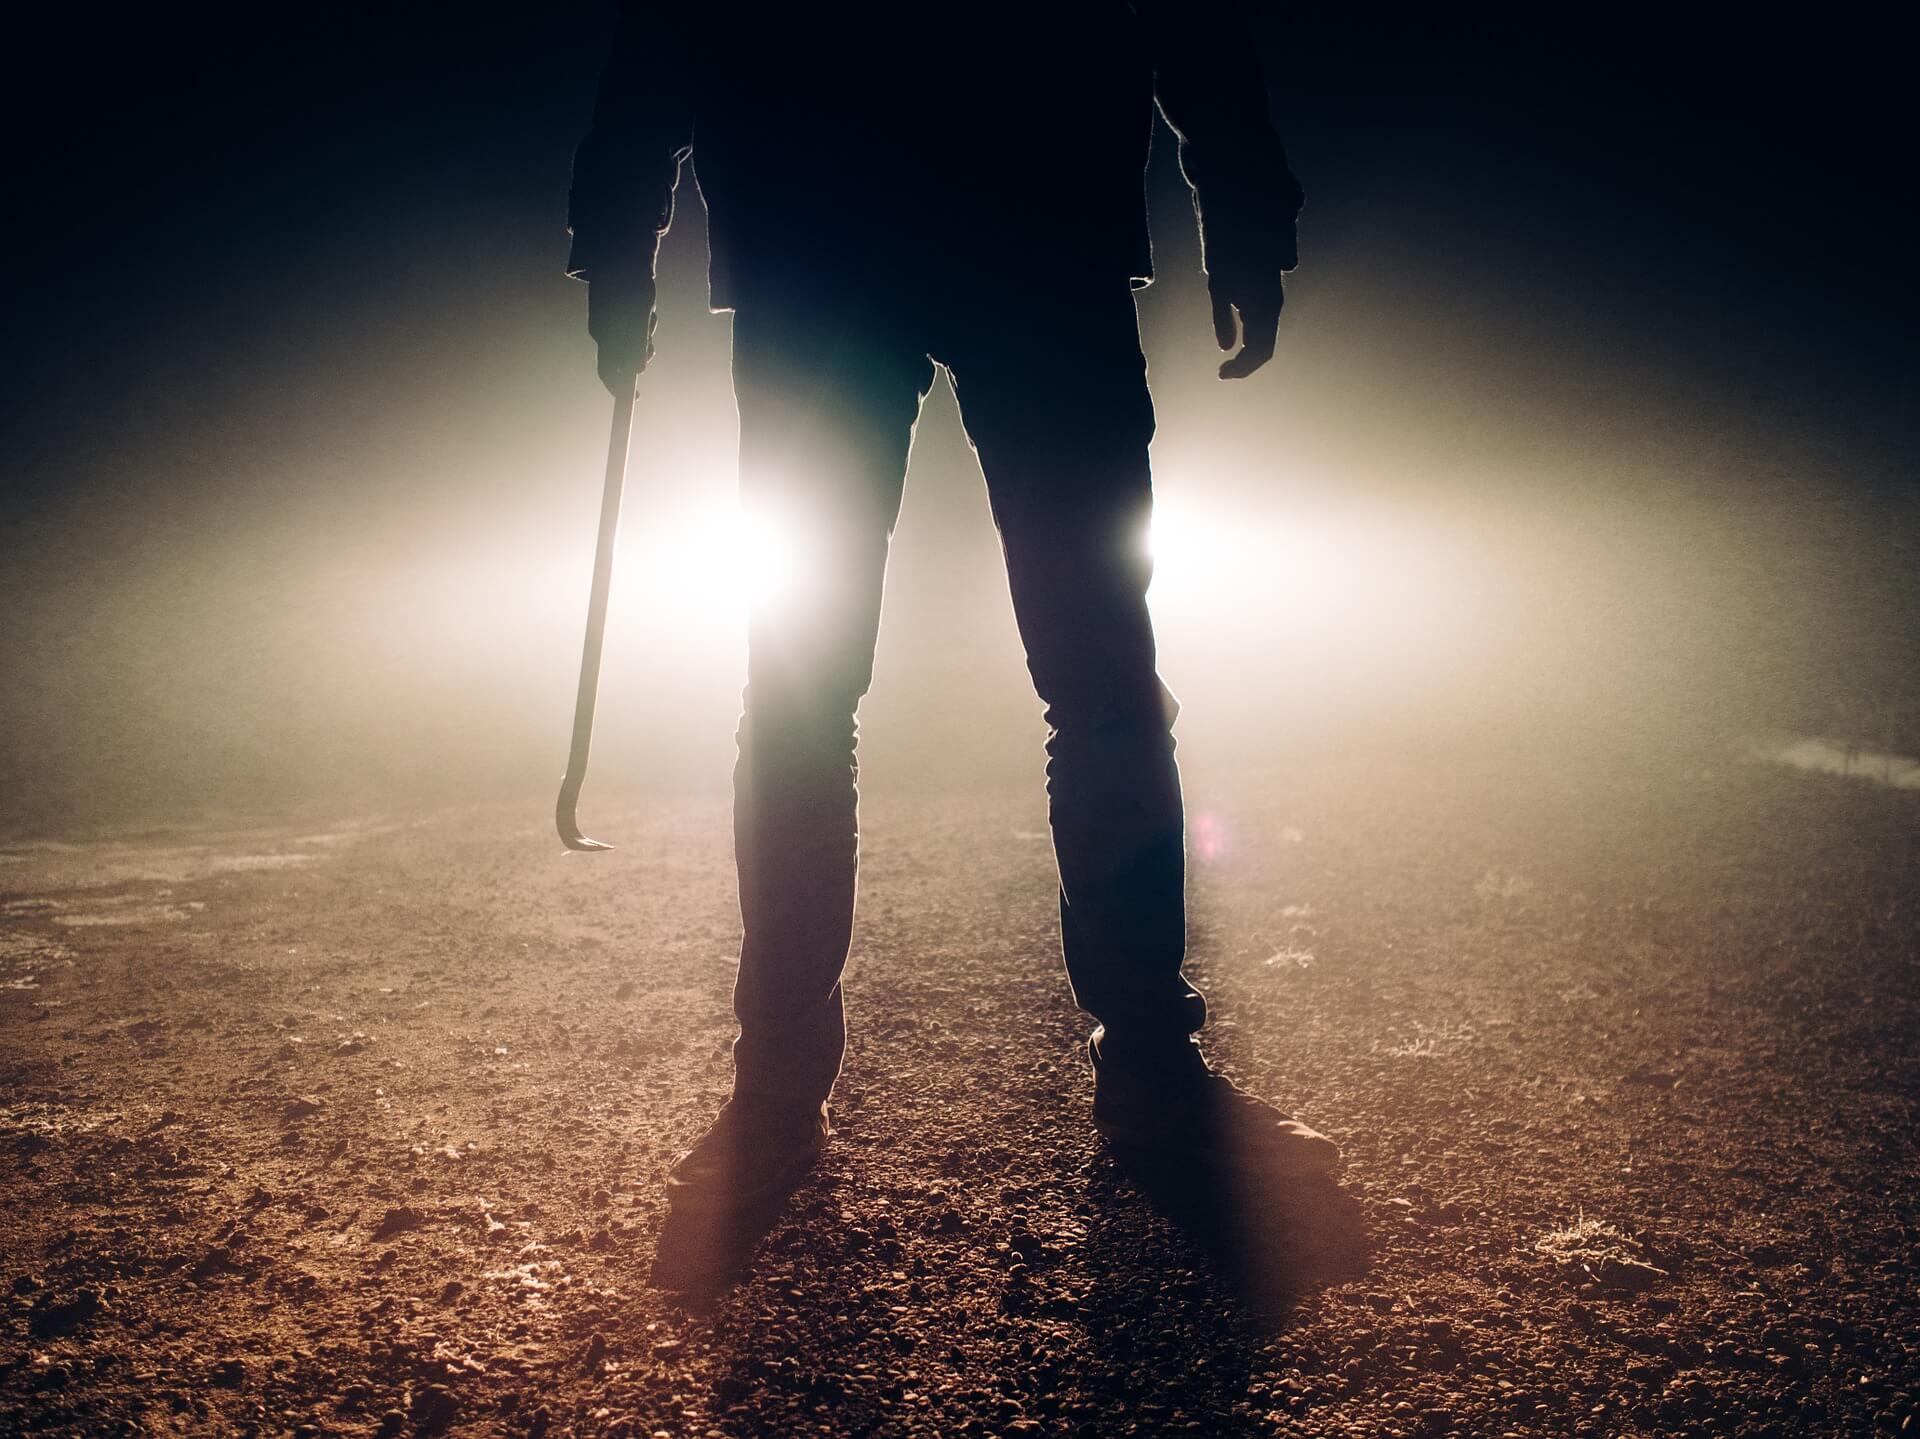 殺人を犯す犯人のイメージ